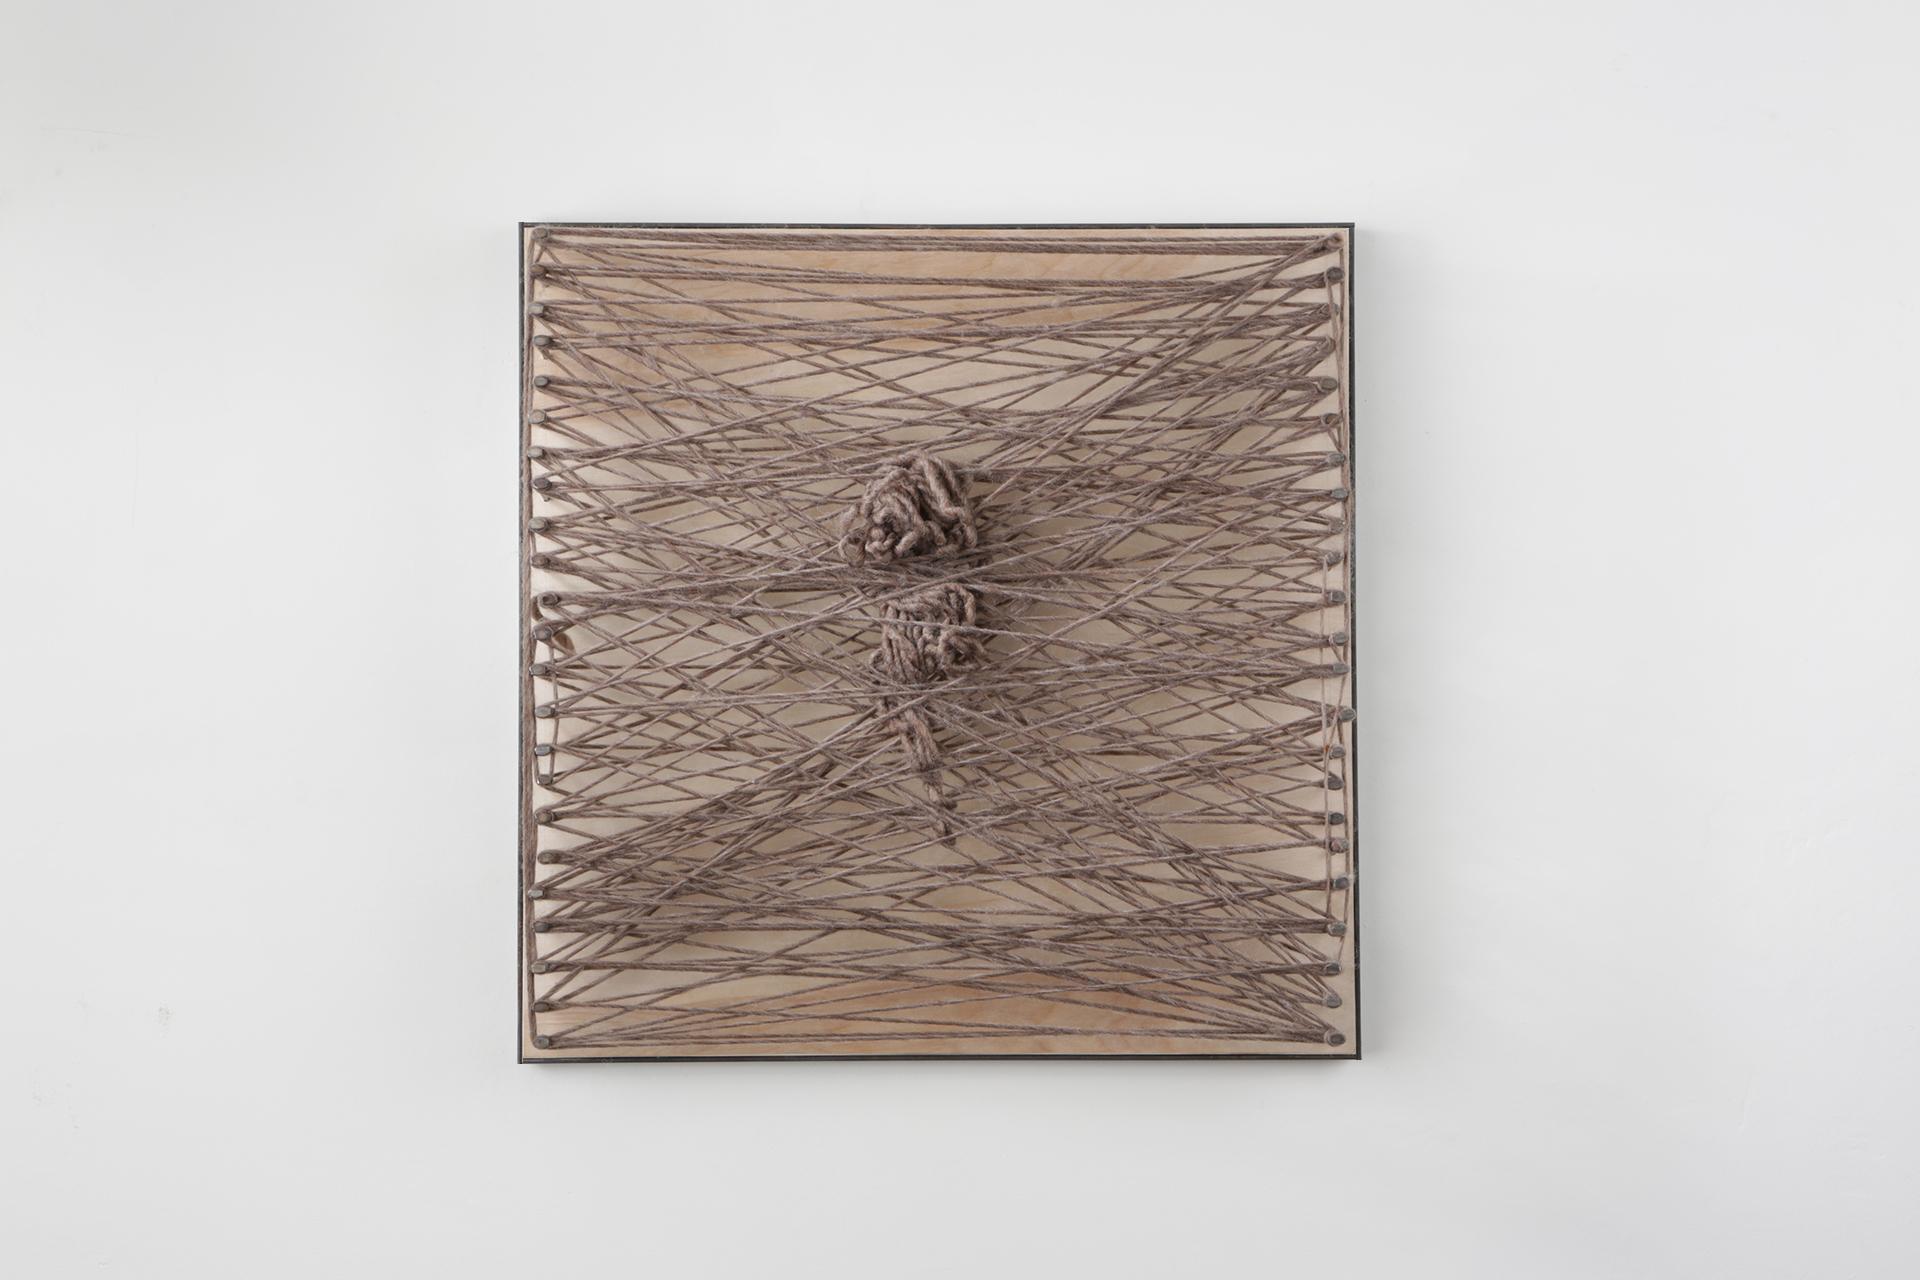 aaron-james-thirteen-plus-1920×1280-1